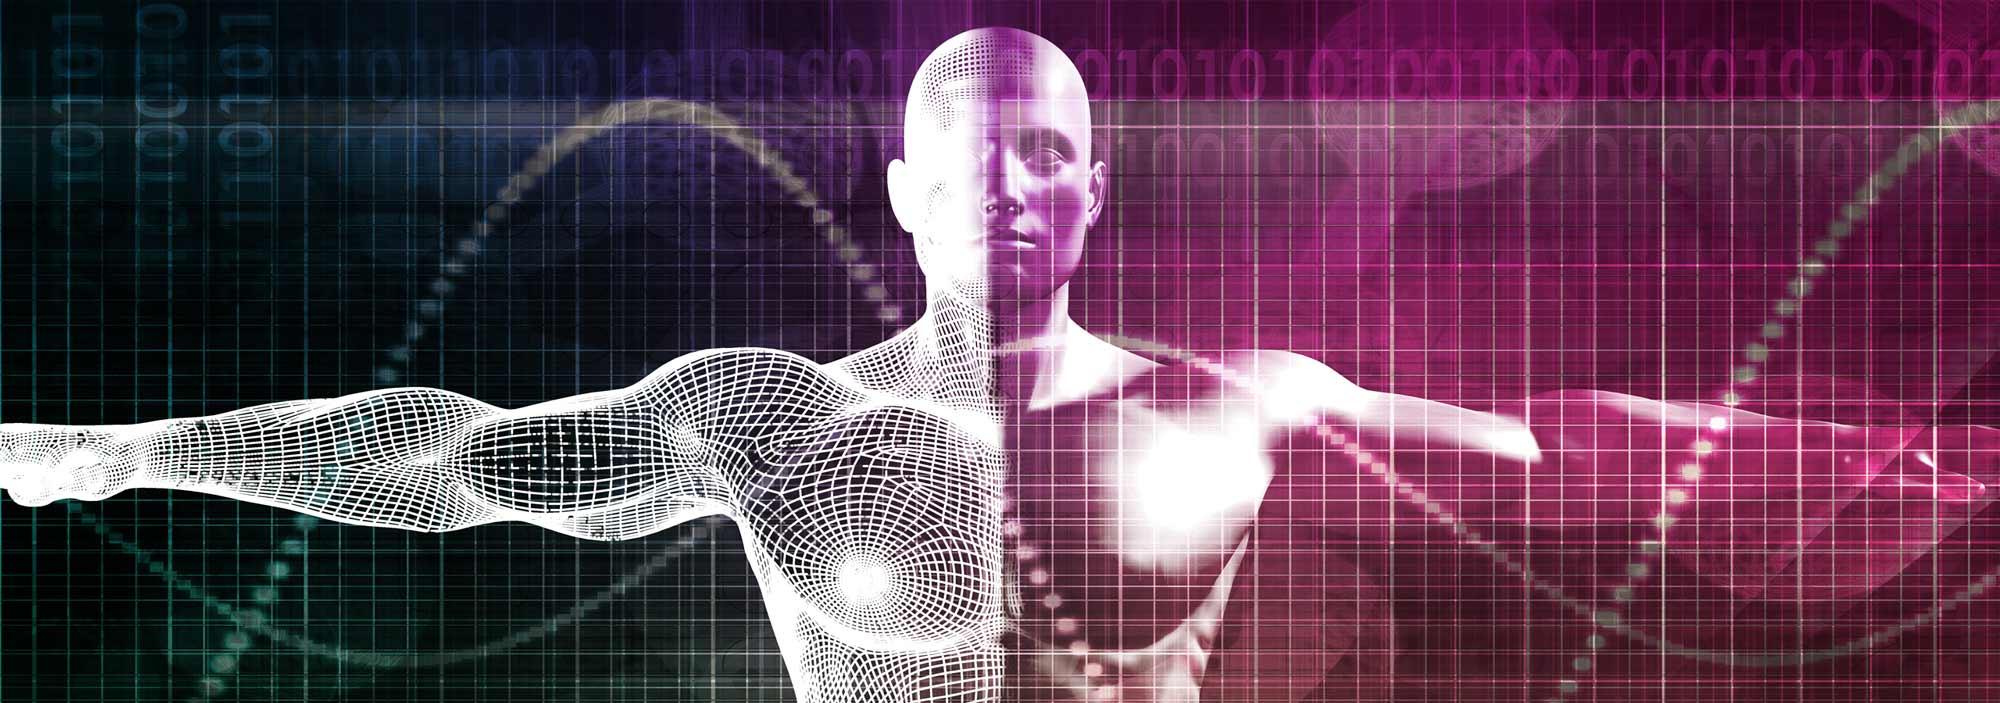 Mietfinanz Finanzierungsrechner für Medizintechnik